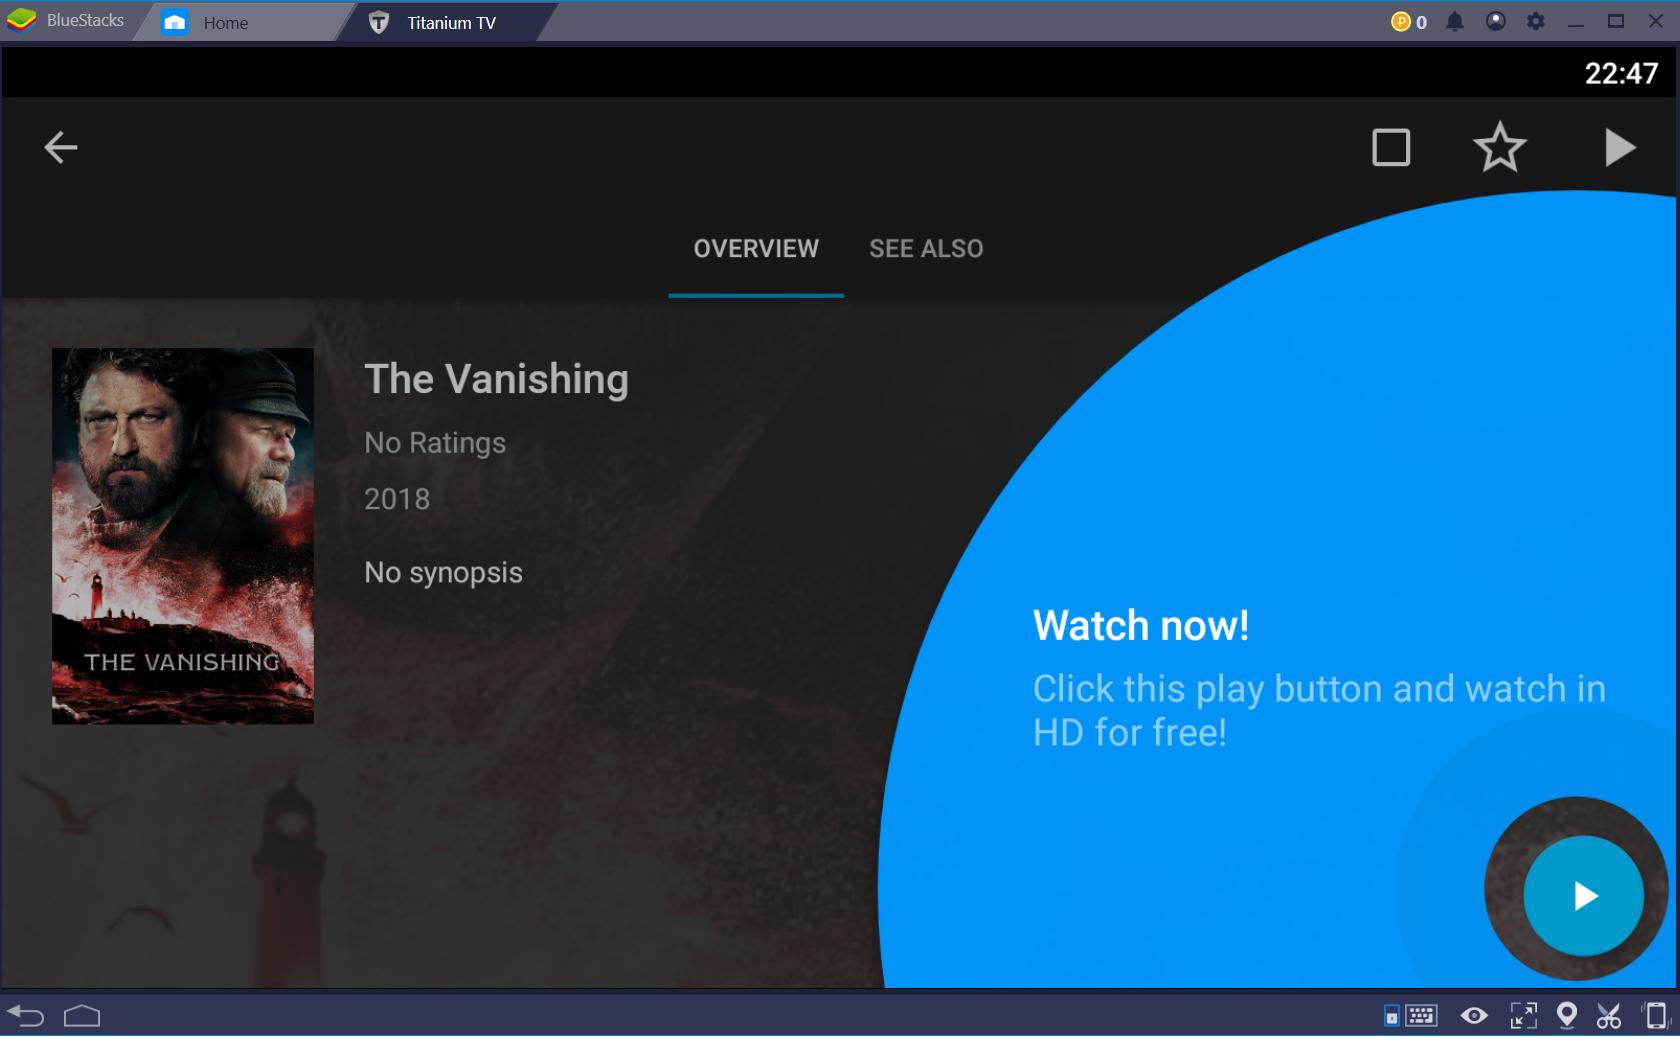 Direct - Titanium TV v2 0 12 1 | Team OS : Your Only Destination To